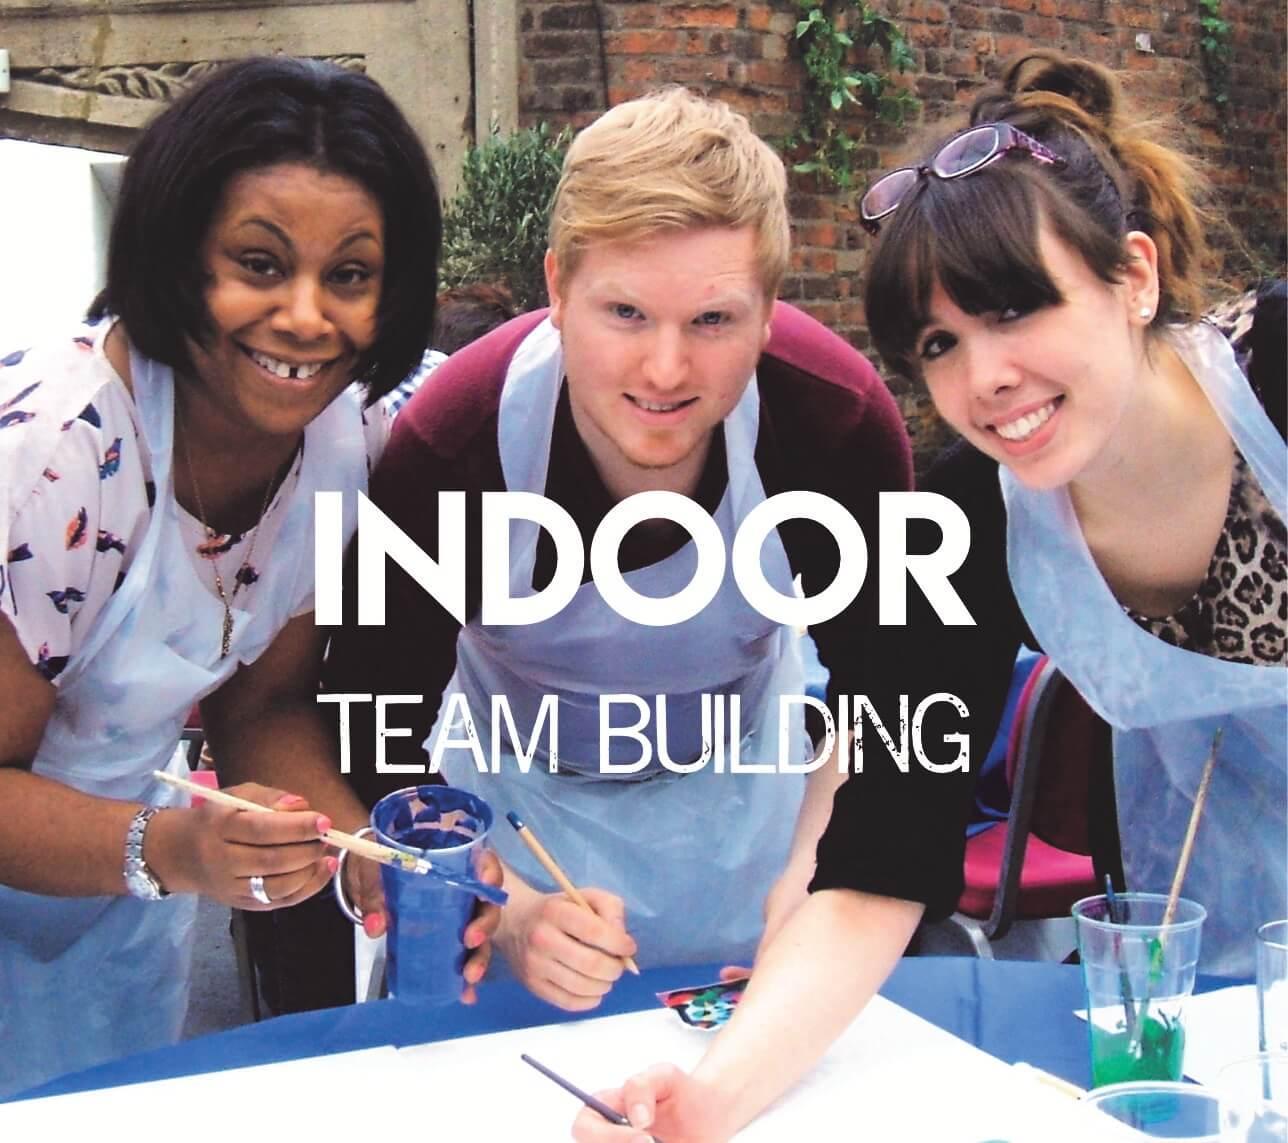 Team Building Aberdeen Events Activities Zing Events